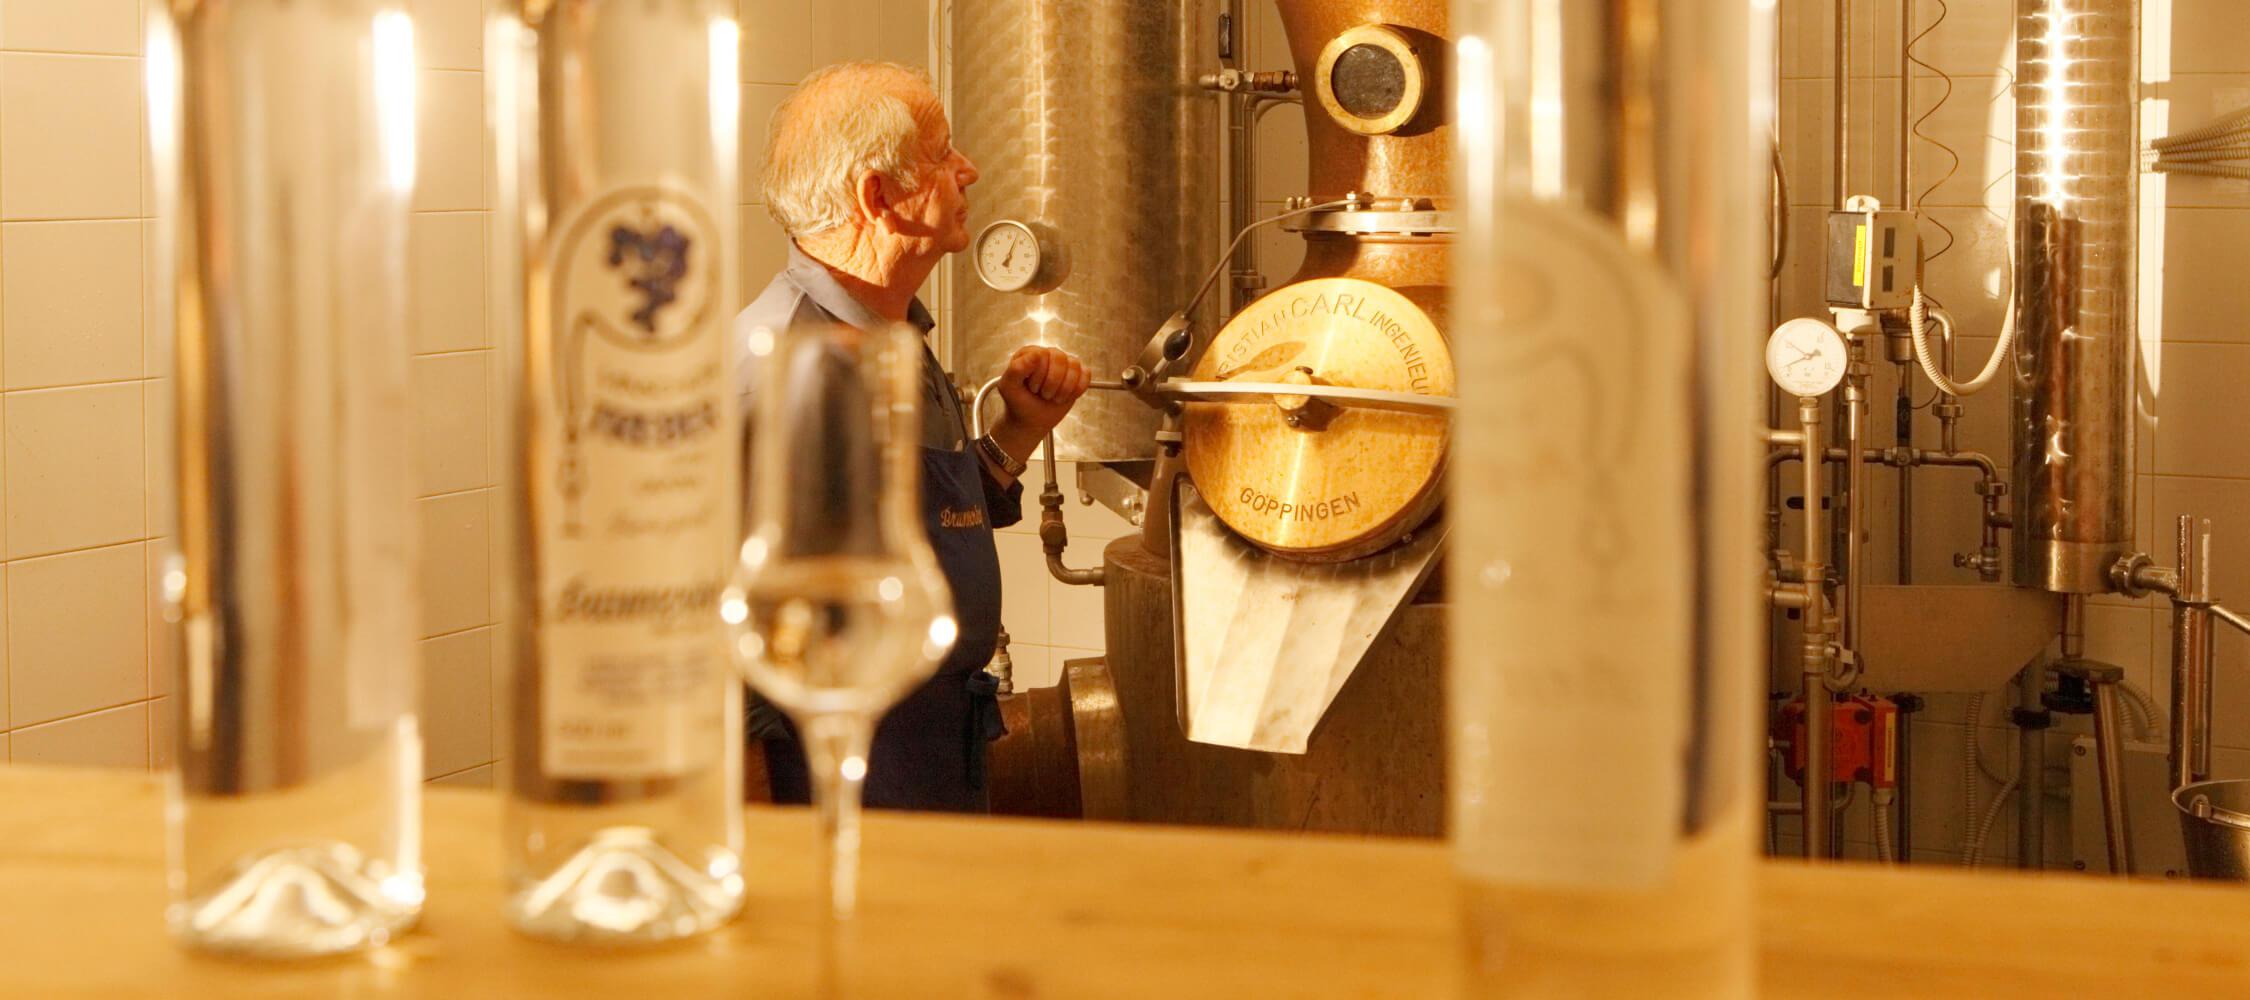 Italien-Trentino_Suedtirol_Alto_Adige_Merano_Meran_Besichtigen_Produkte_Drinks_Schnaps_Grappa_Brennerei_MGM-Frieder-Blickle_mgm00515frbl_2250x1000